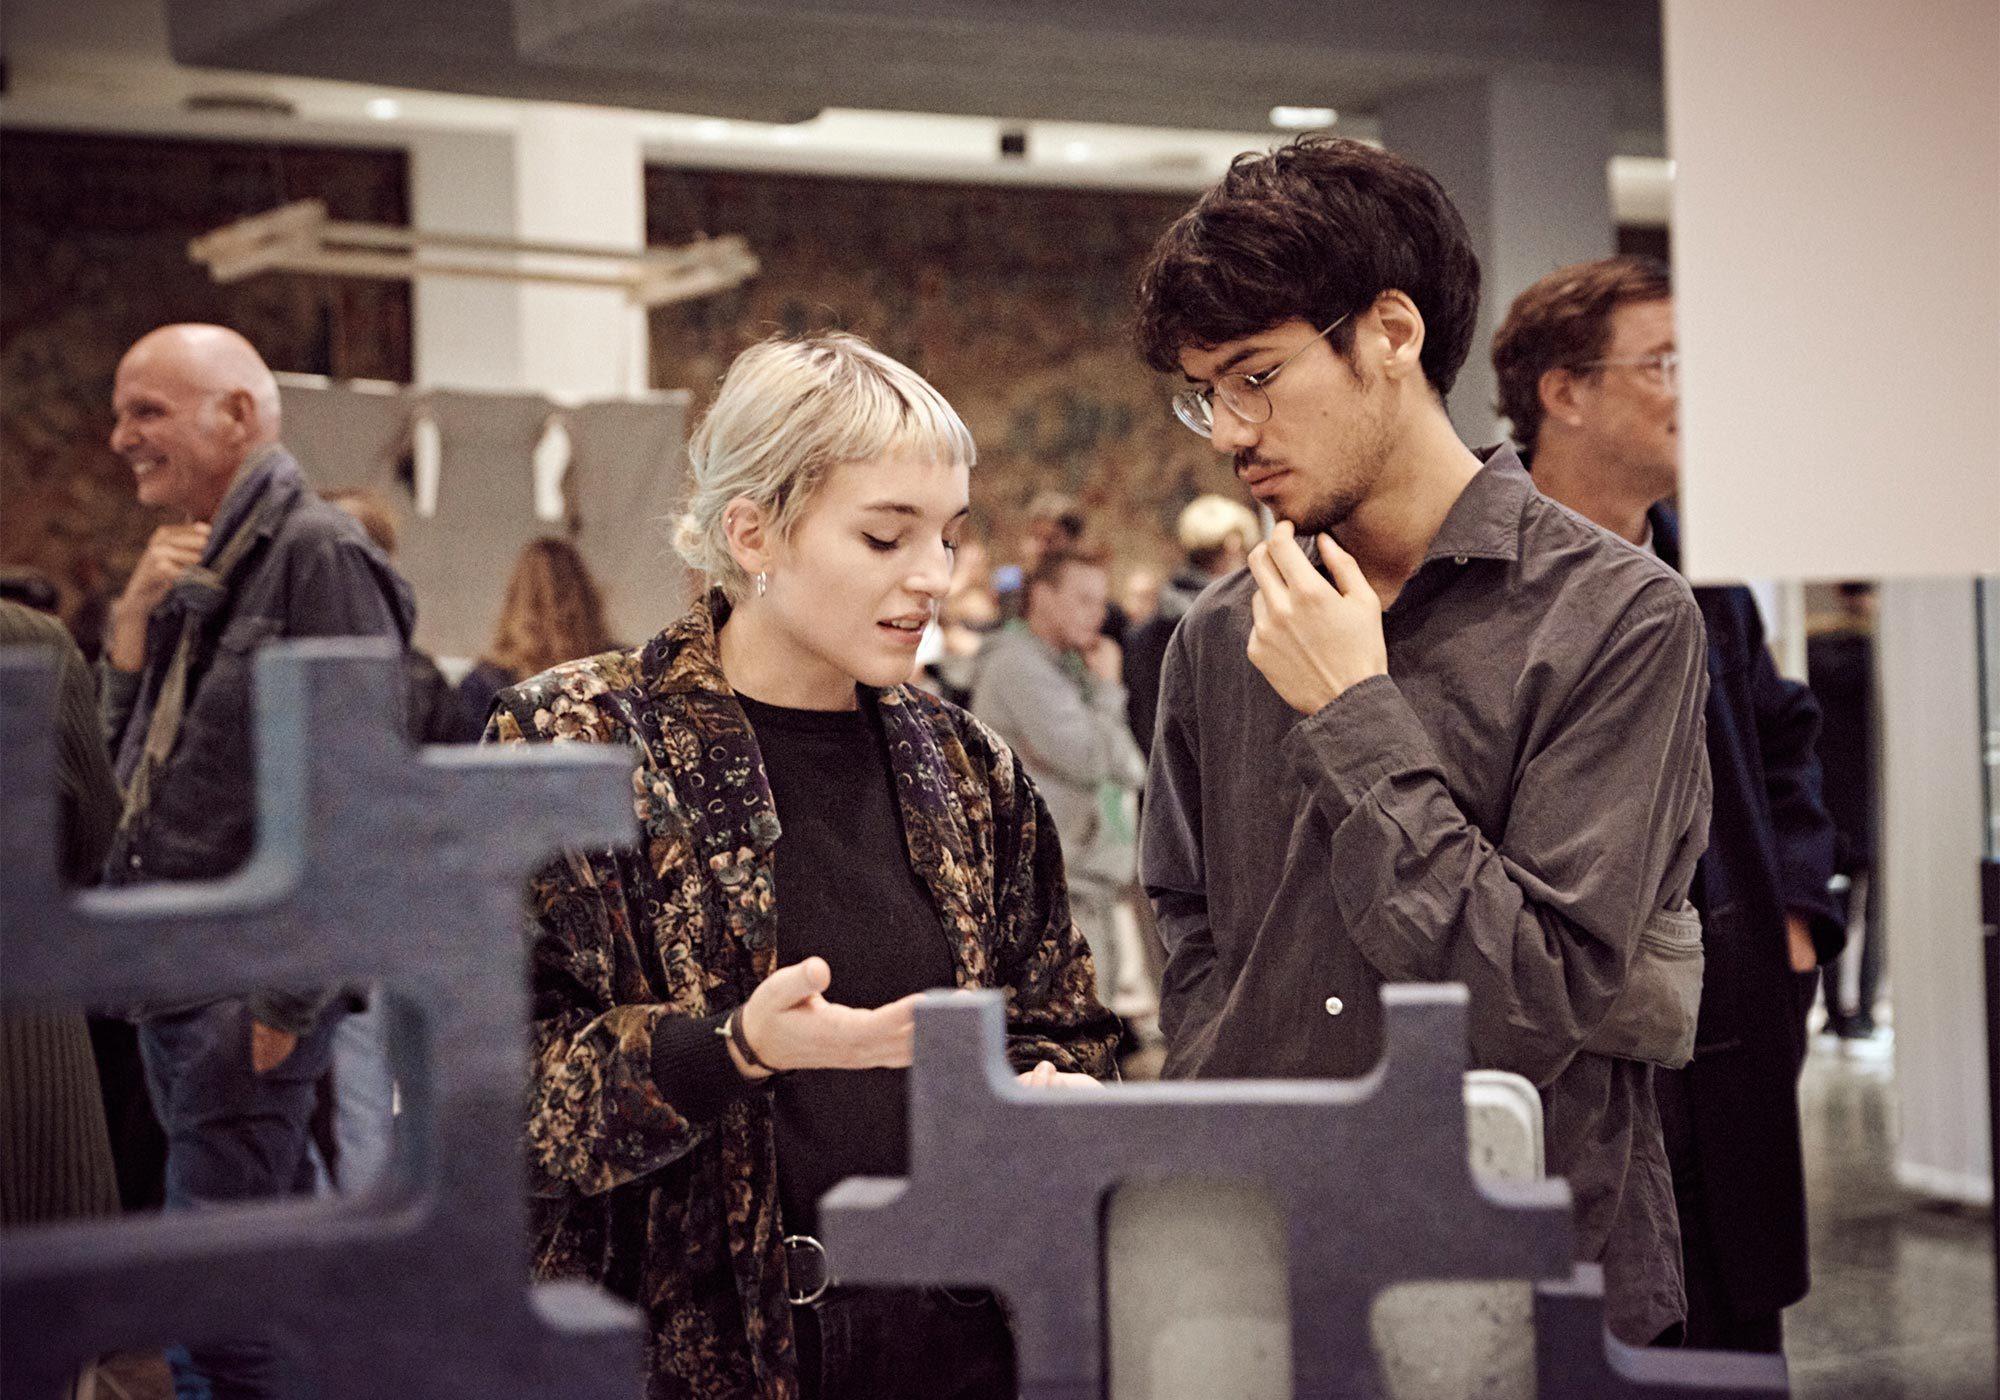 Ausstellungseröffnung German Design Graduates im Kunstgewerbemuseum Berlin, 2019